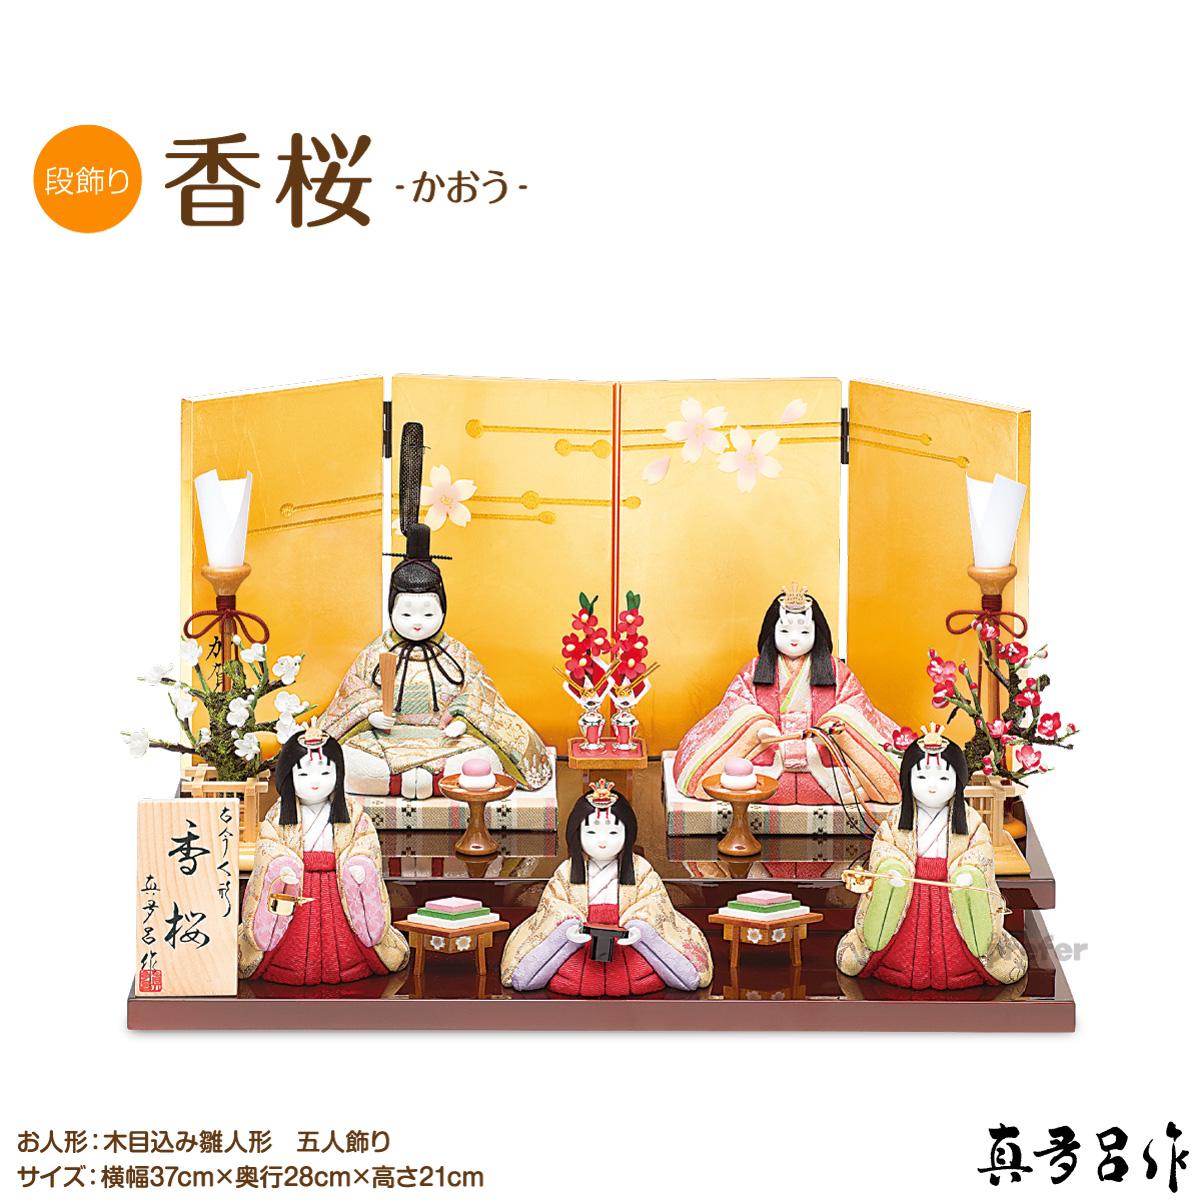 雛人形 木目込み 真多呂作香桜(かおう) 5人揃 おひなさま 特選